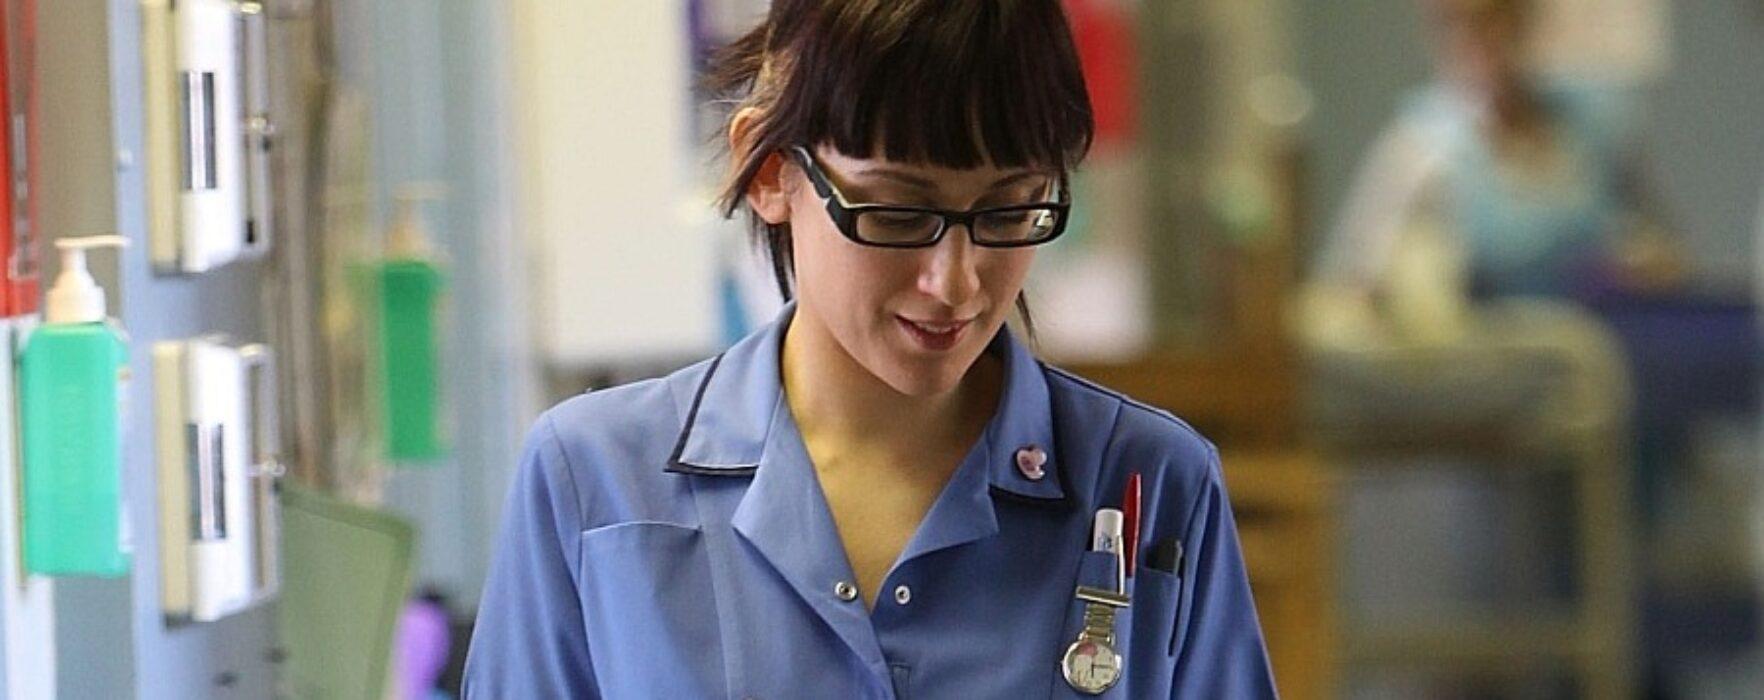 Se caută asistente medicale în Irlanda, salariu 2.000 de euro